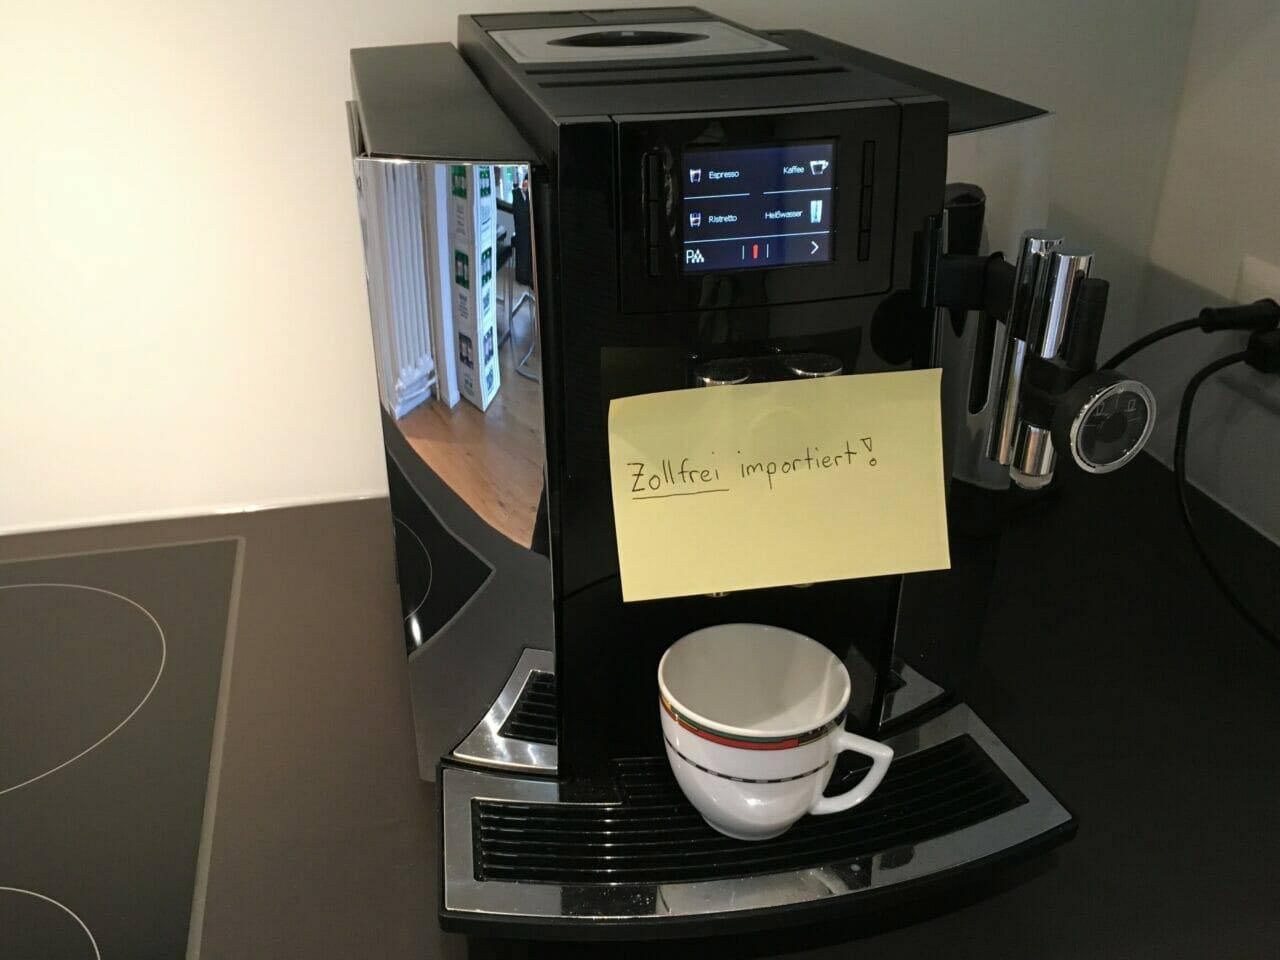 Kaffemaschine mit Notiz